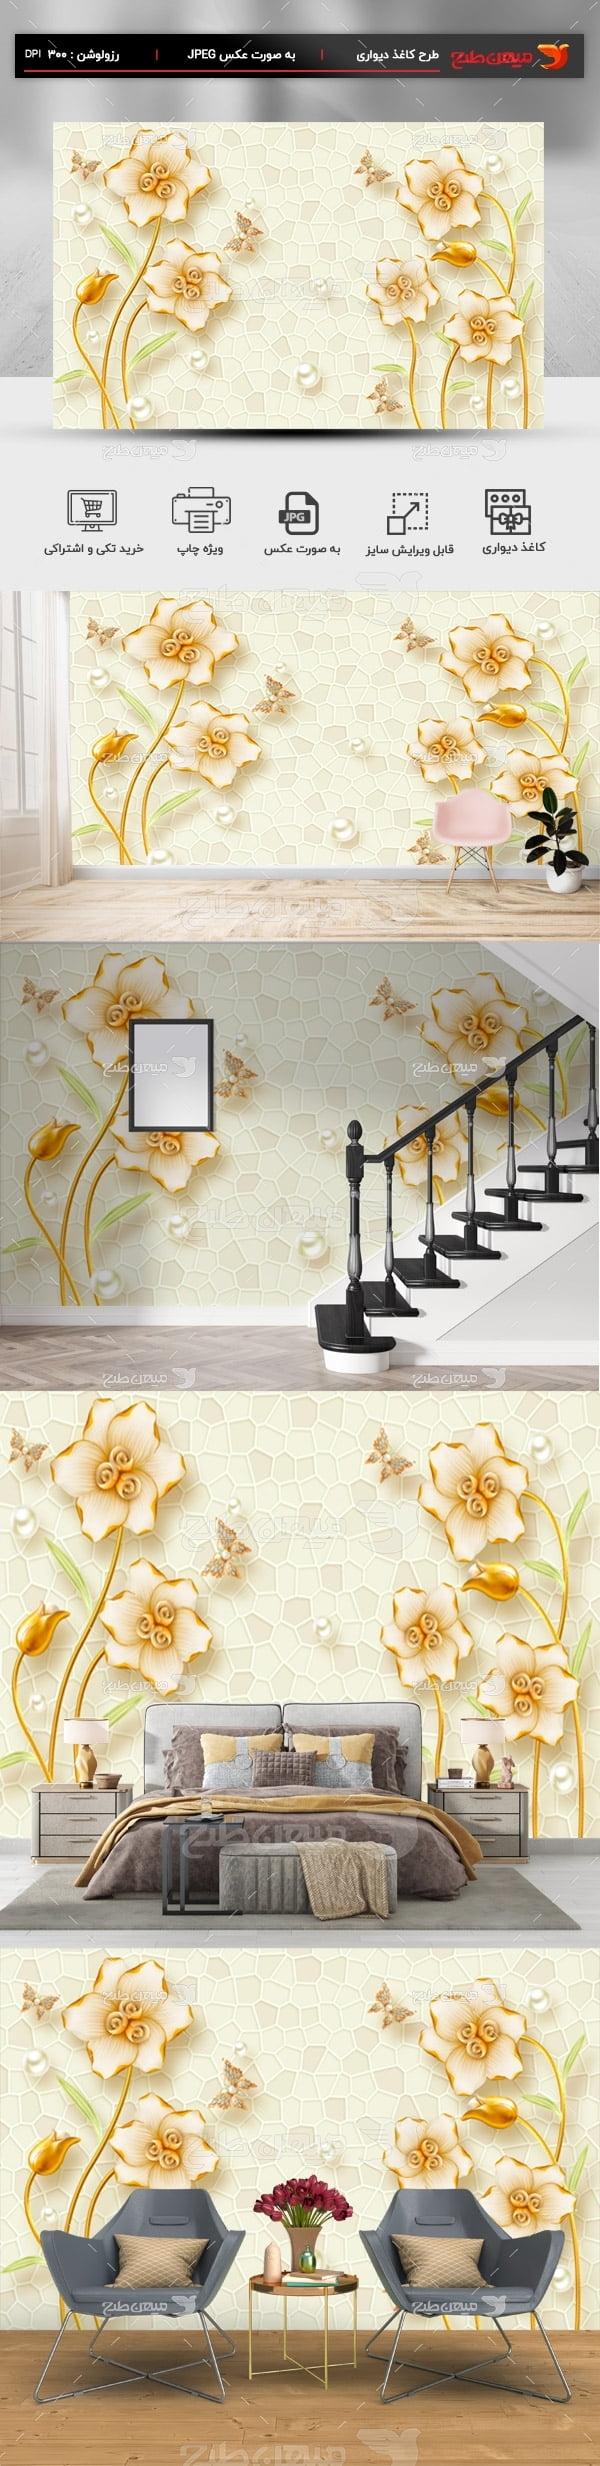 پوستر سه بعدی کاغذ دیواری گل بوته طلایی